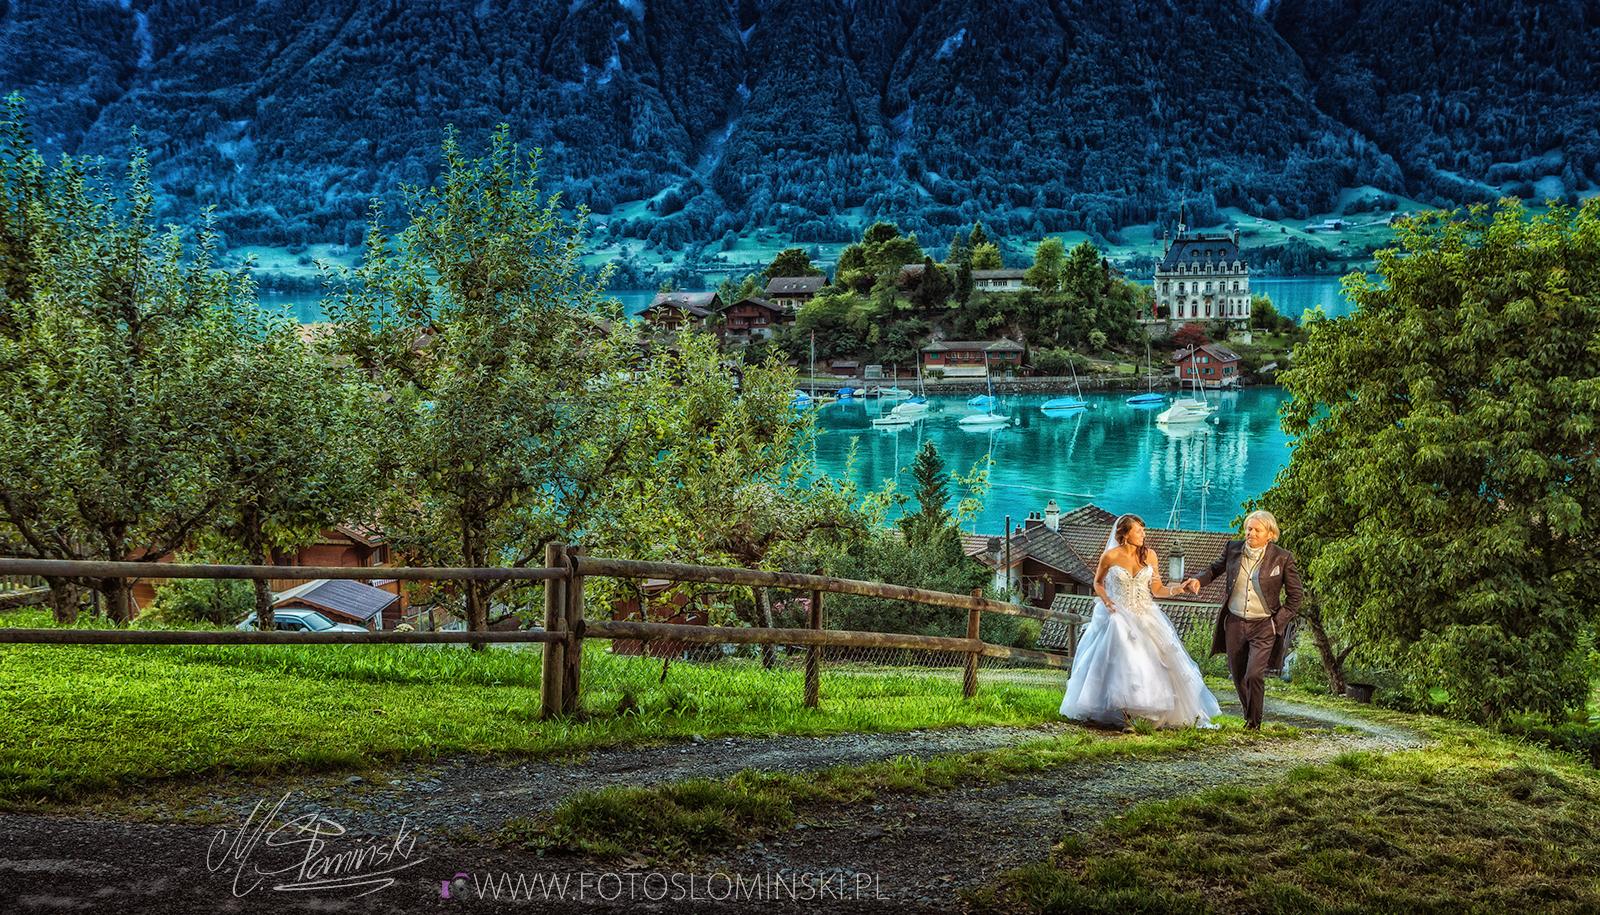 Jakie miejsca na sesje ślubną wybrać ? Fotografia ślubna fotoslominski_pl